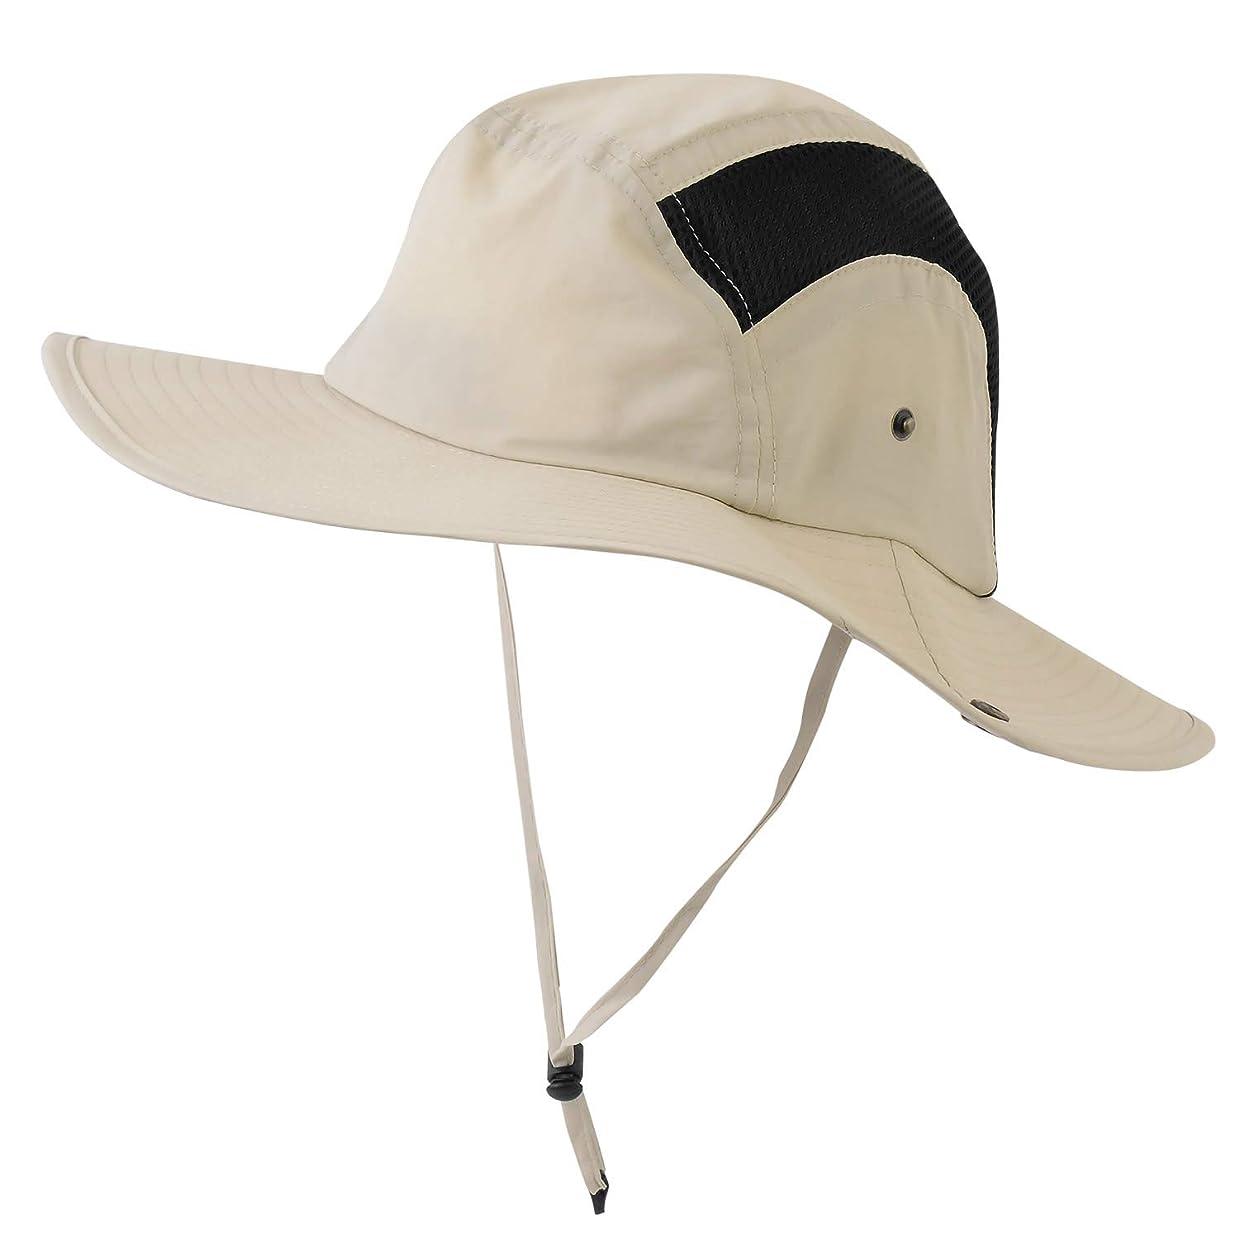 愛情サイレン日没AQshop アウトドア 帽子 メンズ メッシュ 登山 日よけハット UVカット 折りたたみ ひも付き 撥水